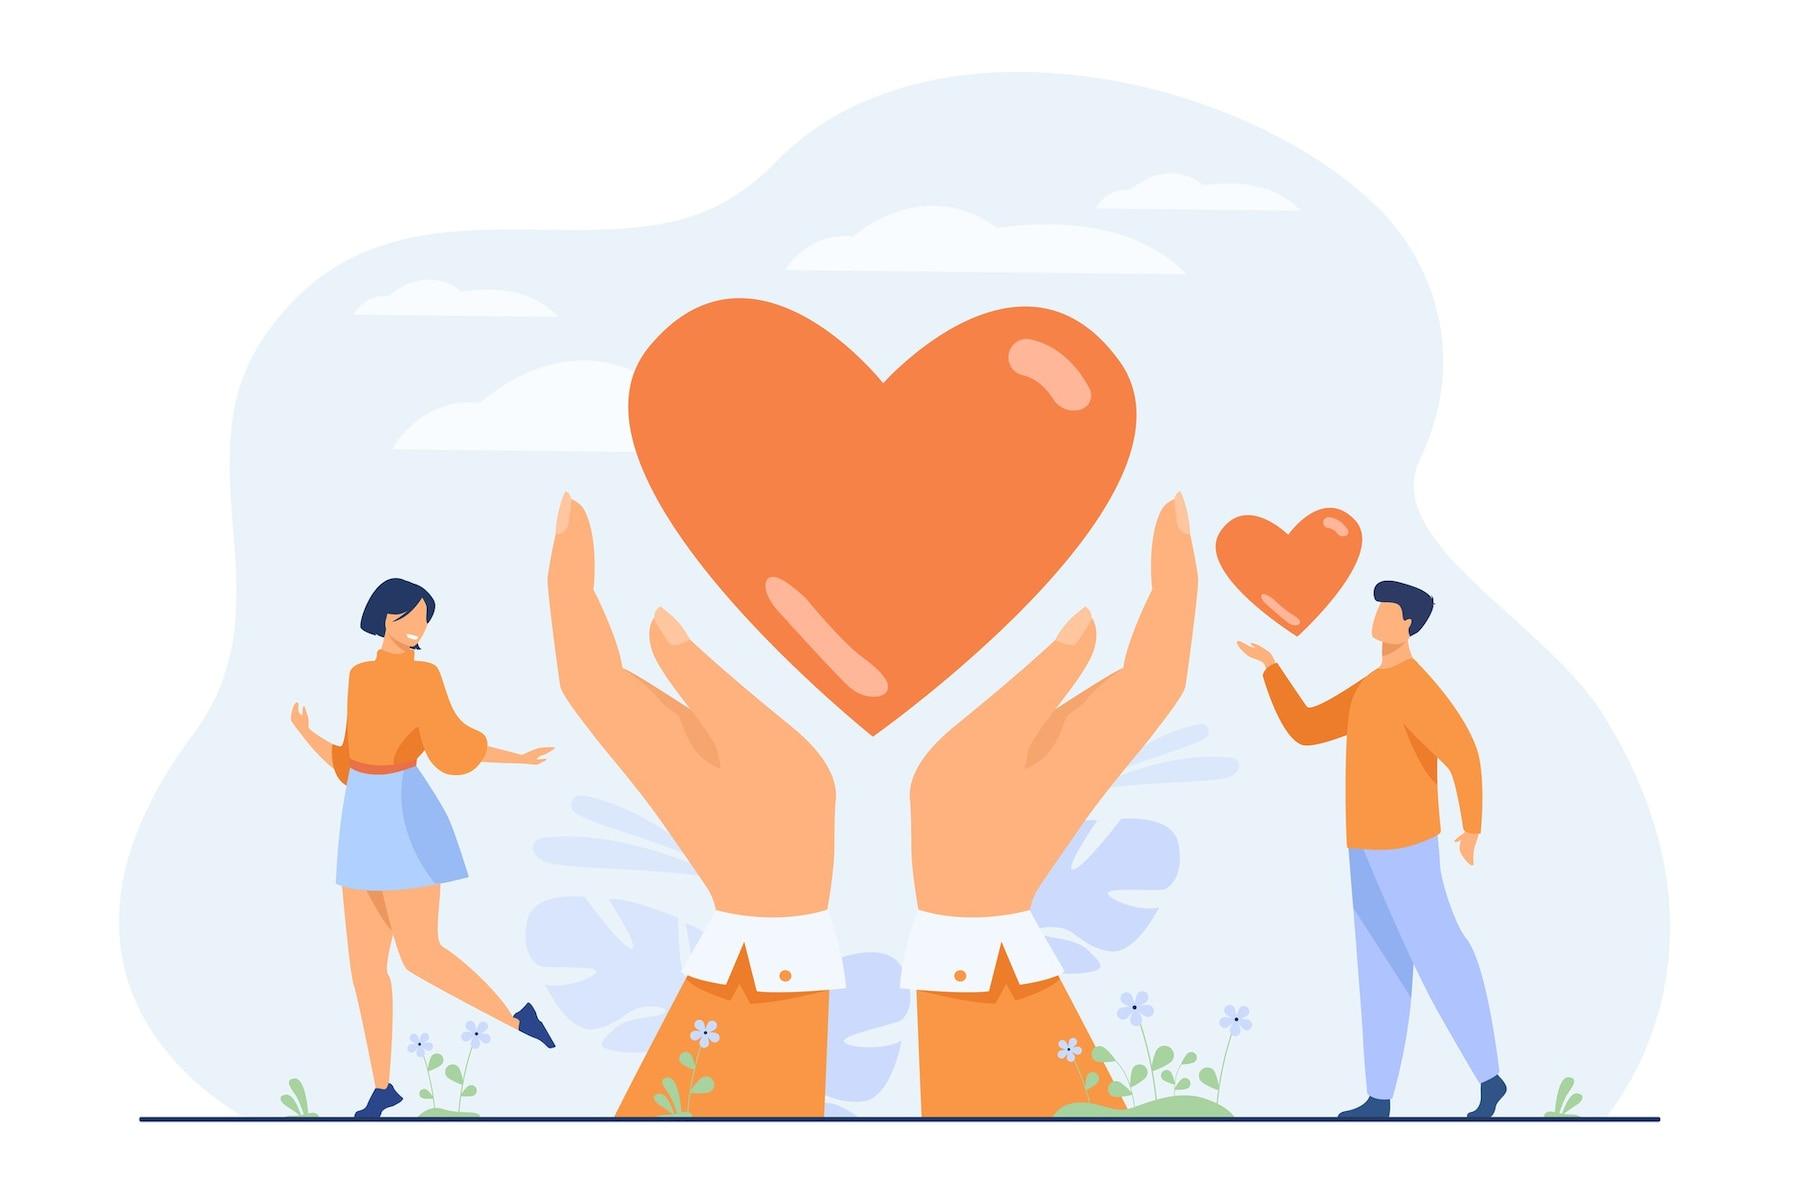 確かな信頼関係を築くアプローチ